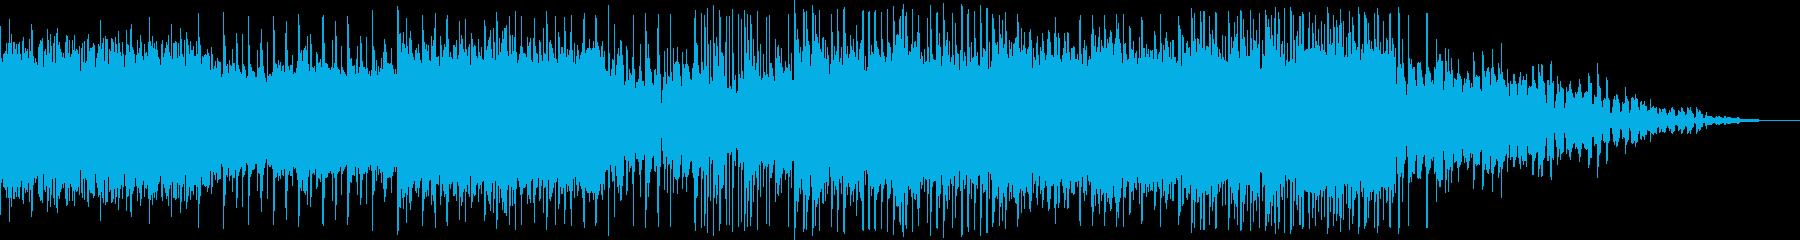 キラキラ明るい印象のスローテンポのEDMの再生済みの波形